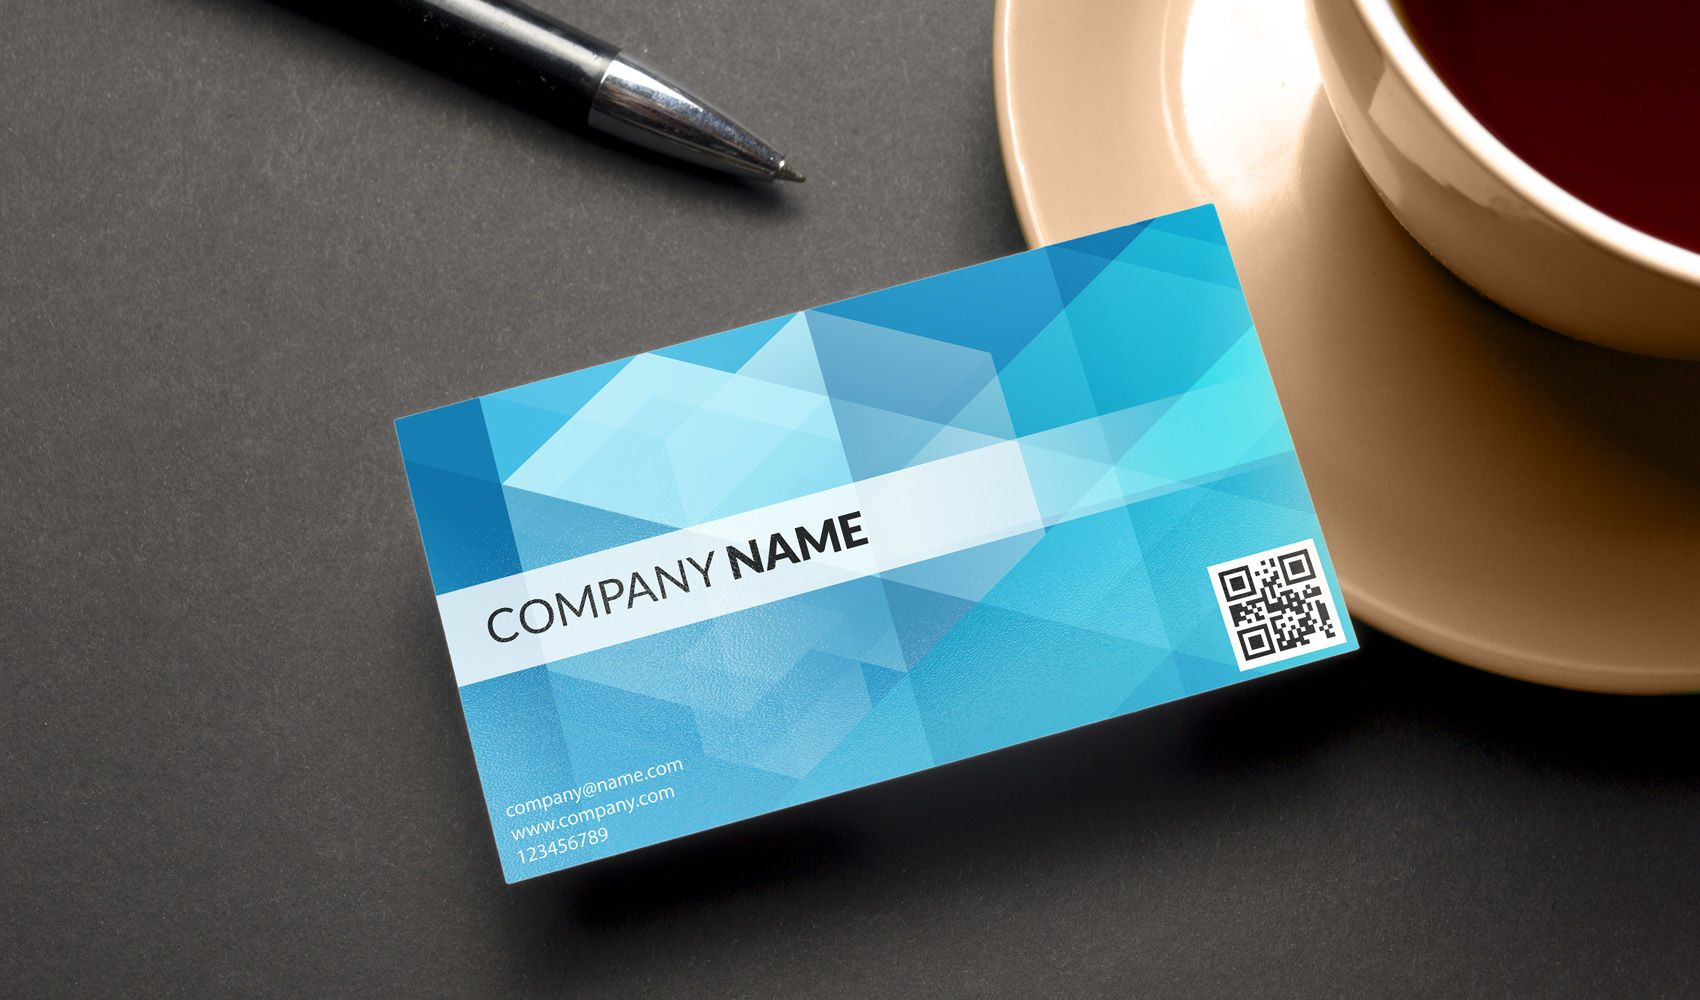 Tarjeta de visita corporativa con código QR